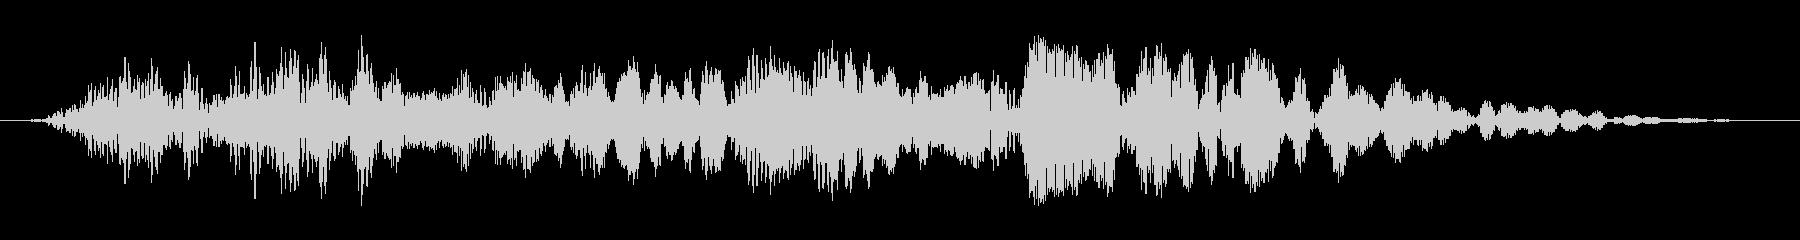 ホラーサスペンス(デユウウウン)の未再生の波形